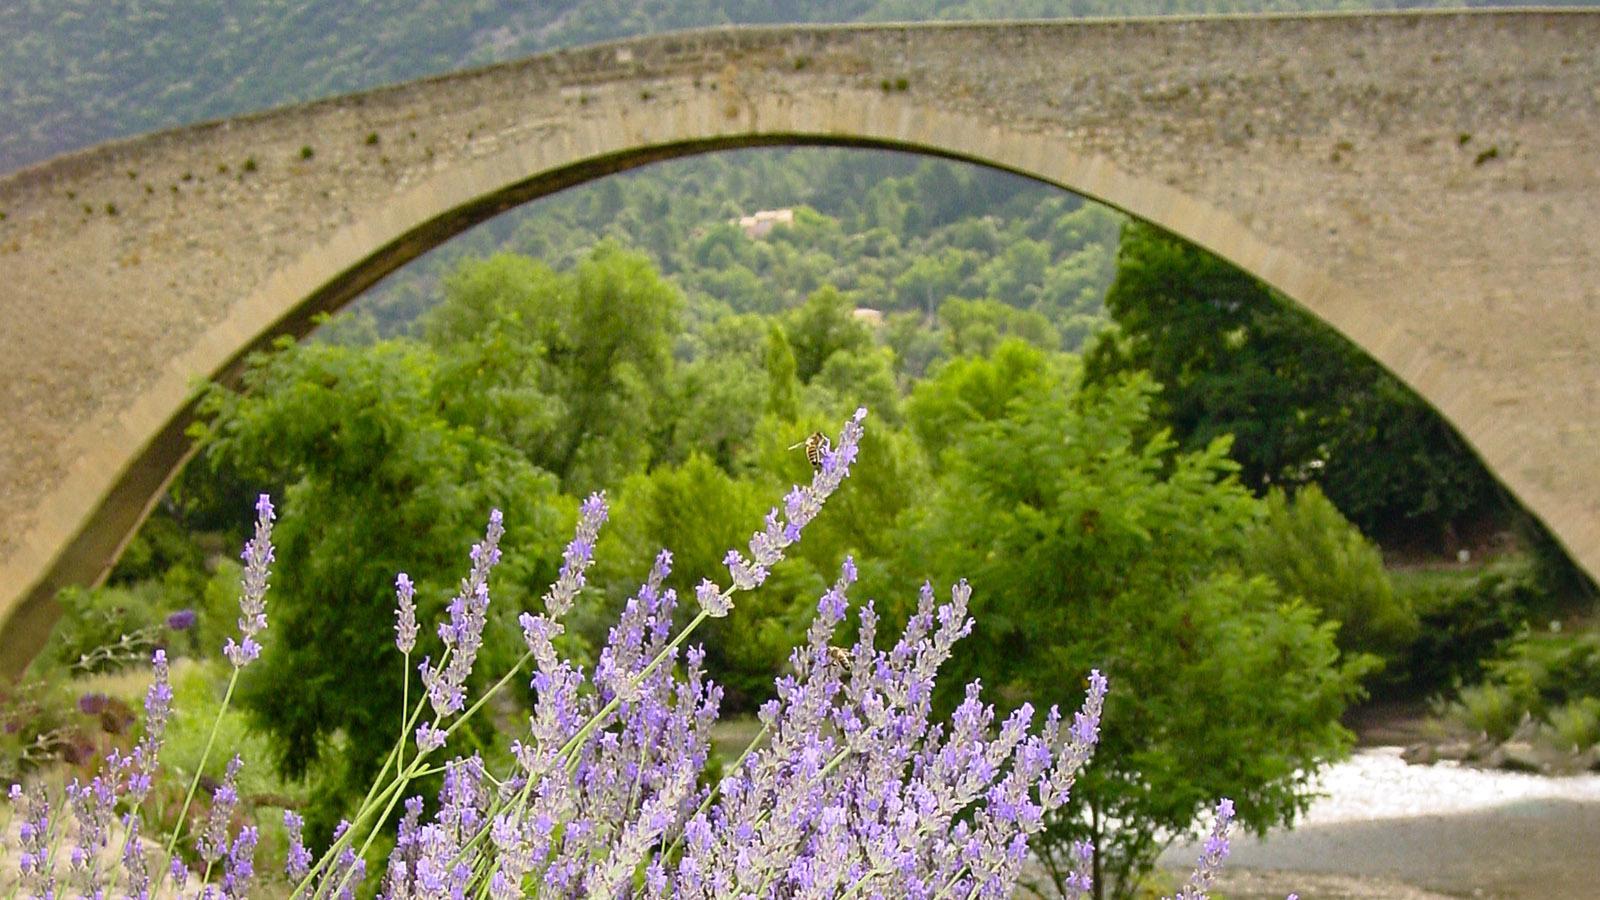 Nyons: Vor der Bogenbrücke über den Eygues blüht Lavendel am Ufer. Foto: Hilke Maunder